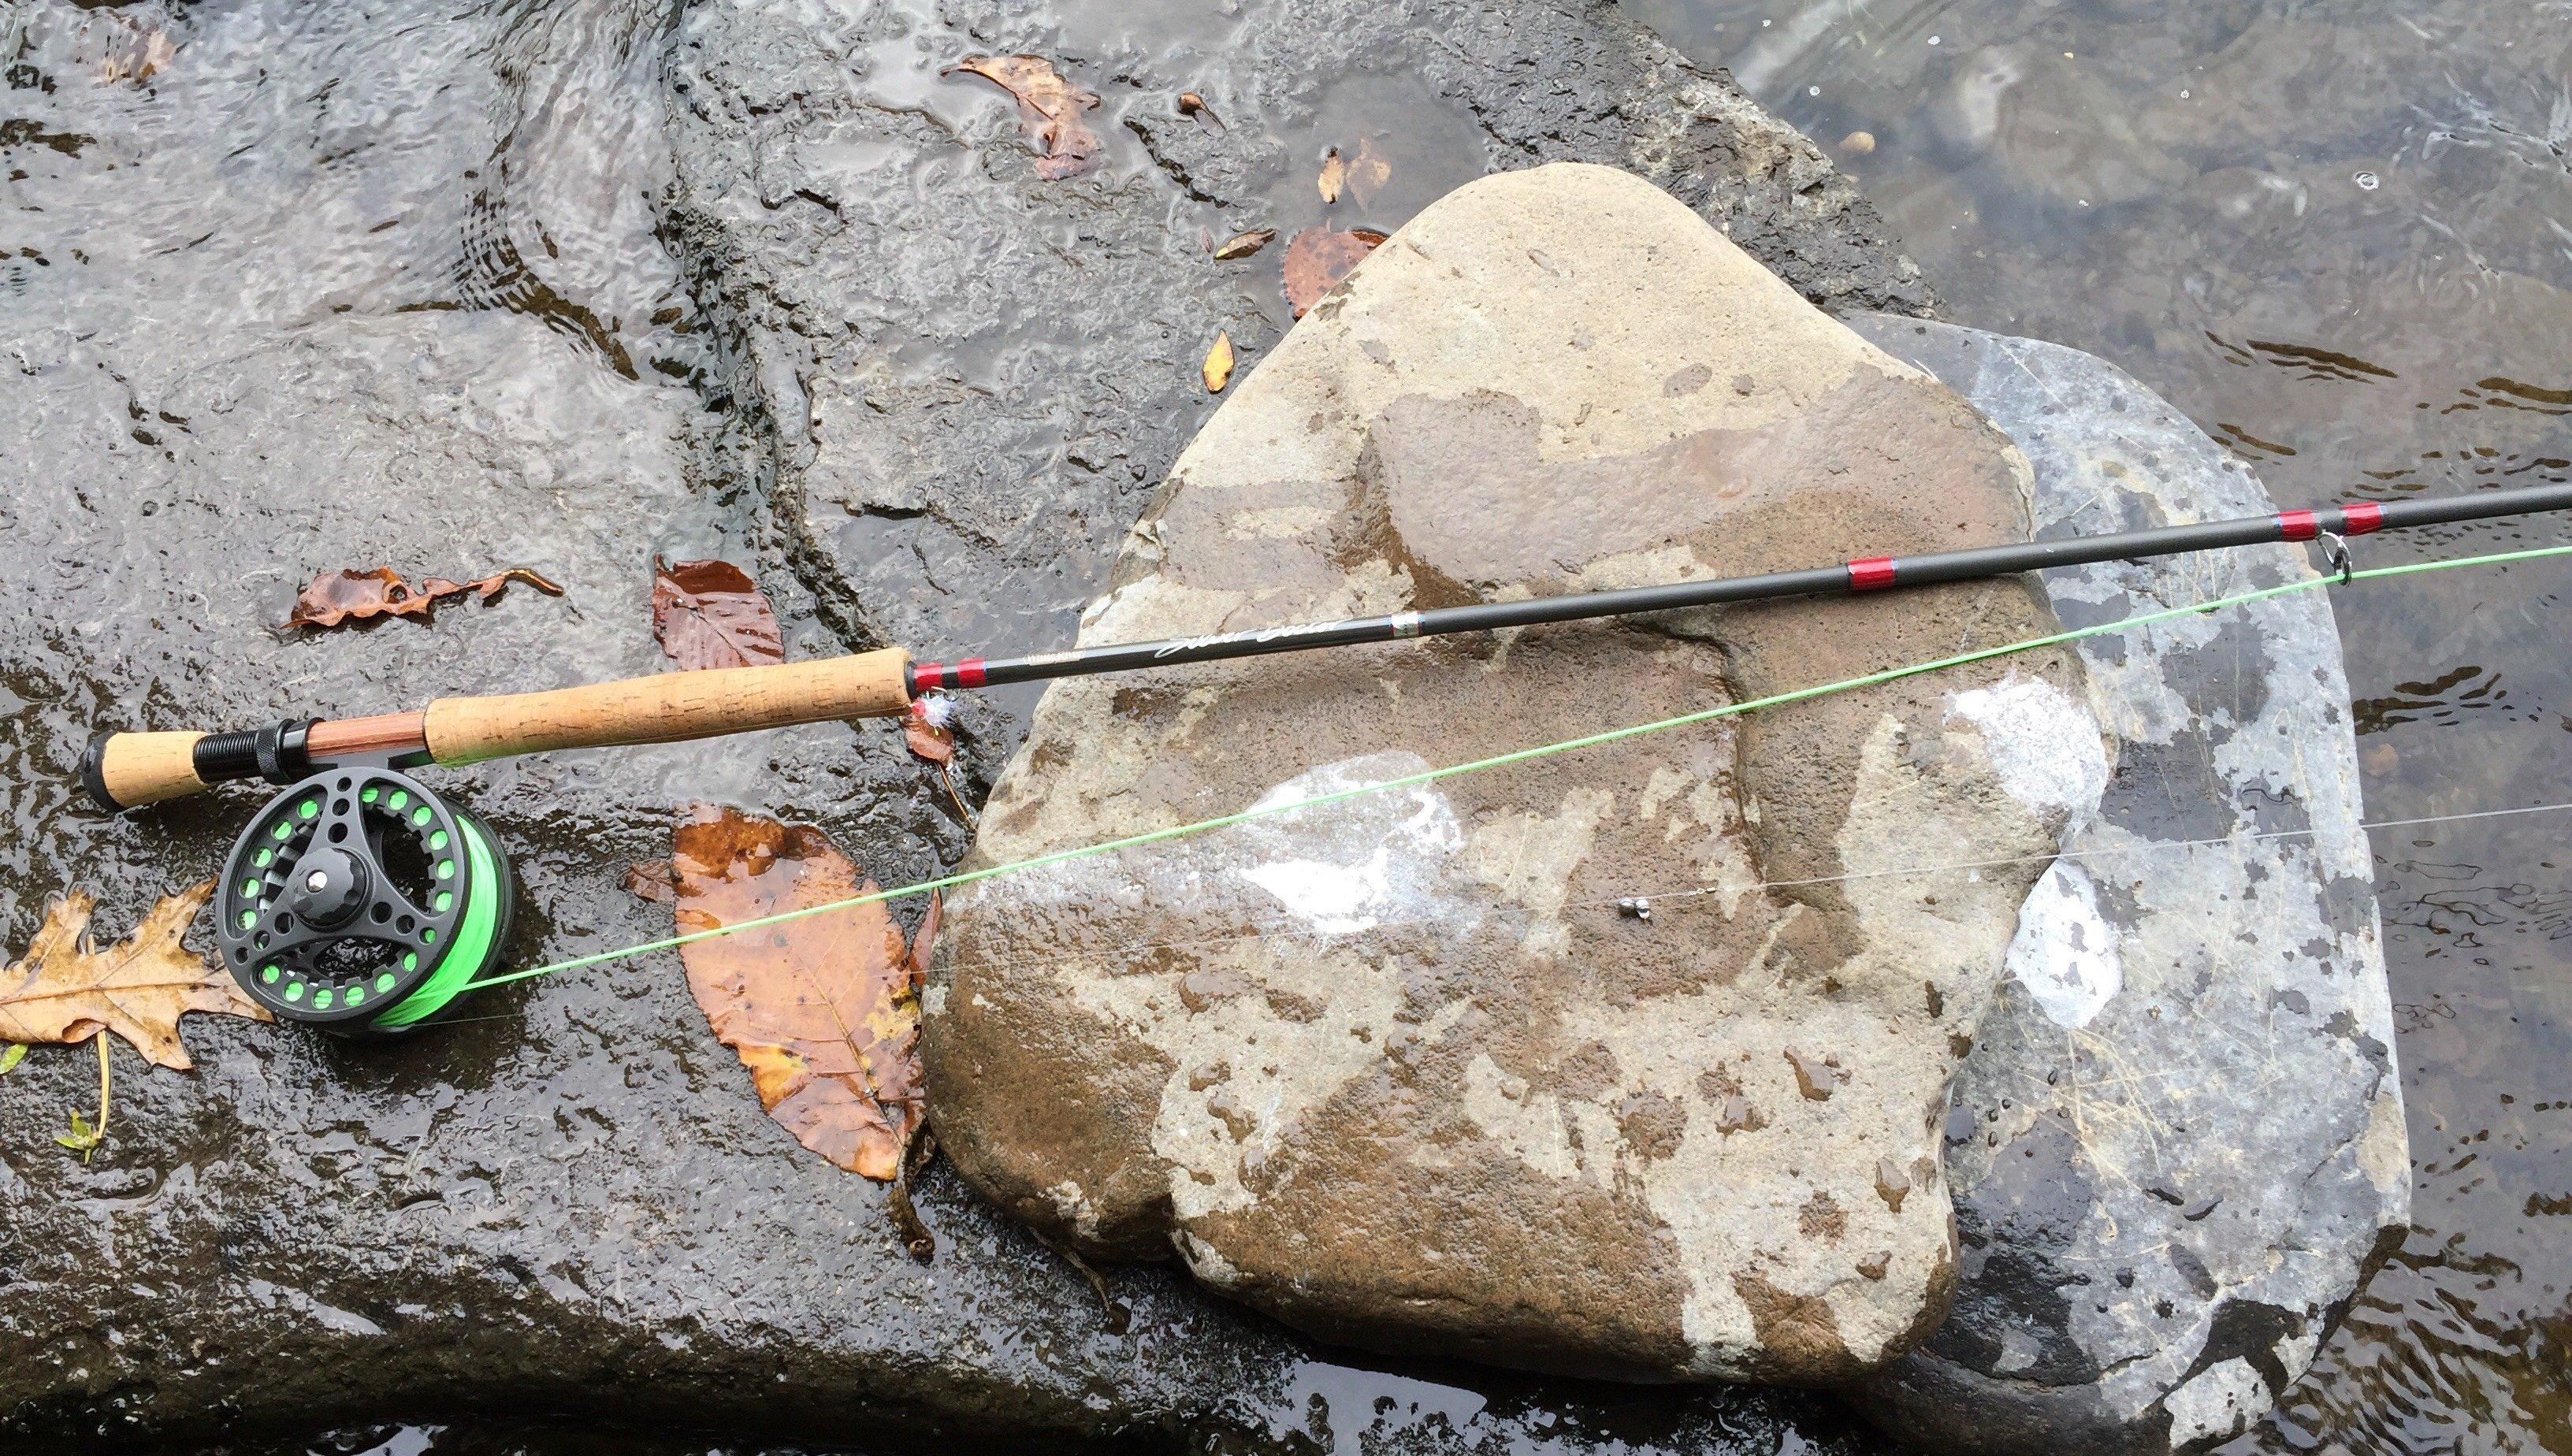 Fly fishing the Douglaston Salmon Run